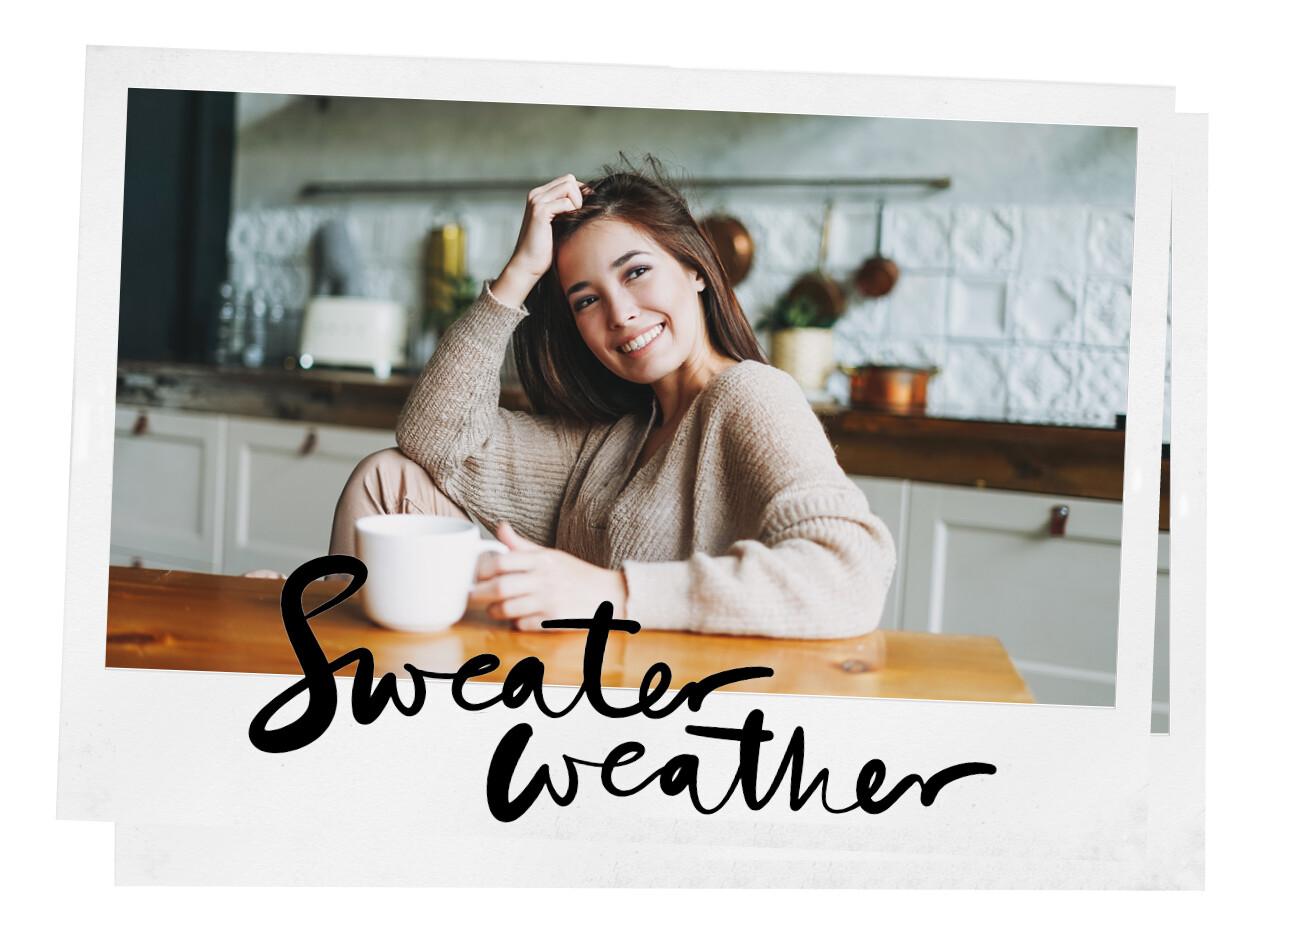 Sweater weather vrouw in de keuken met trui aan